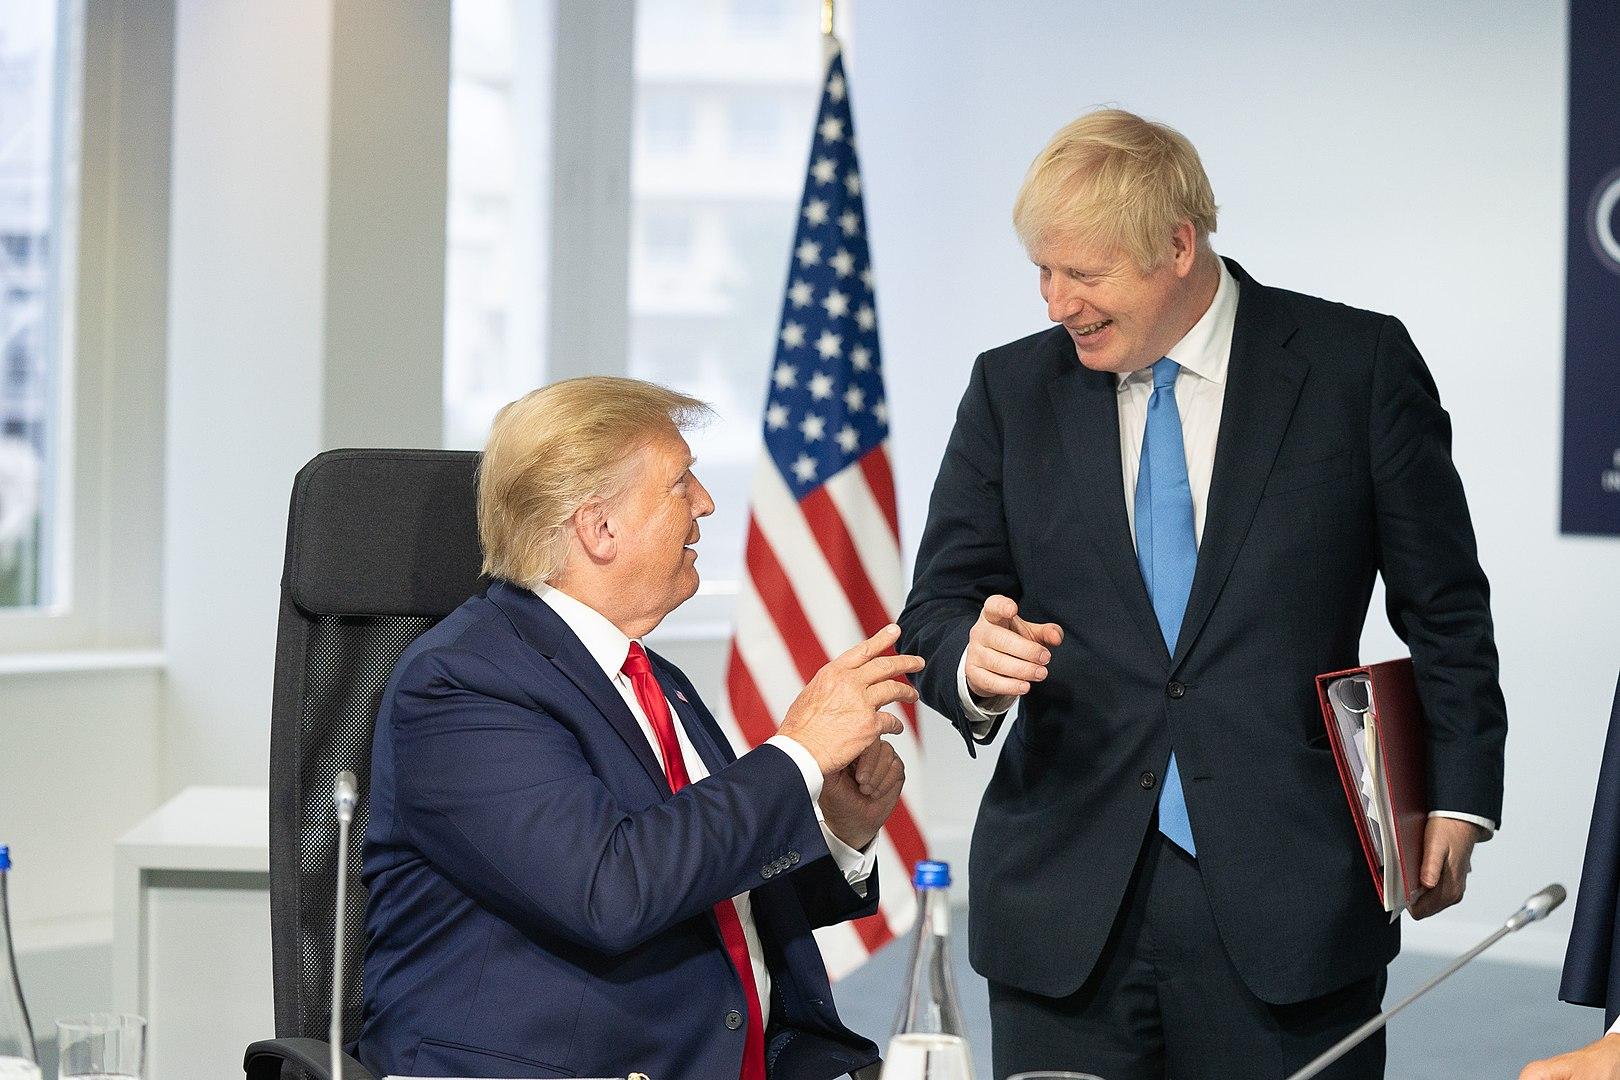 2019年8月G7會議上,川普與強生會面(來源:白宮,Shealah Craighead攝影)。